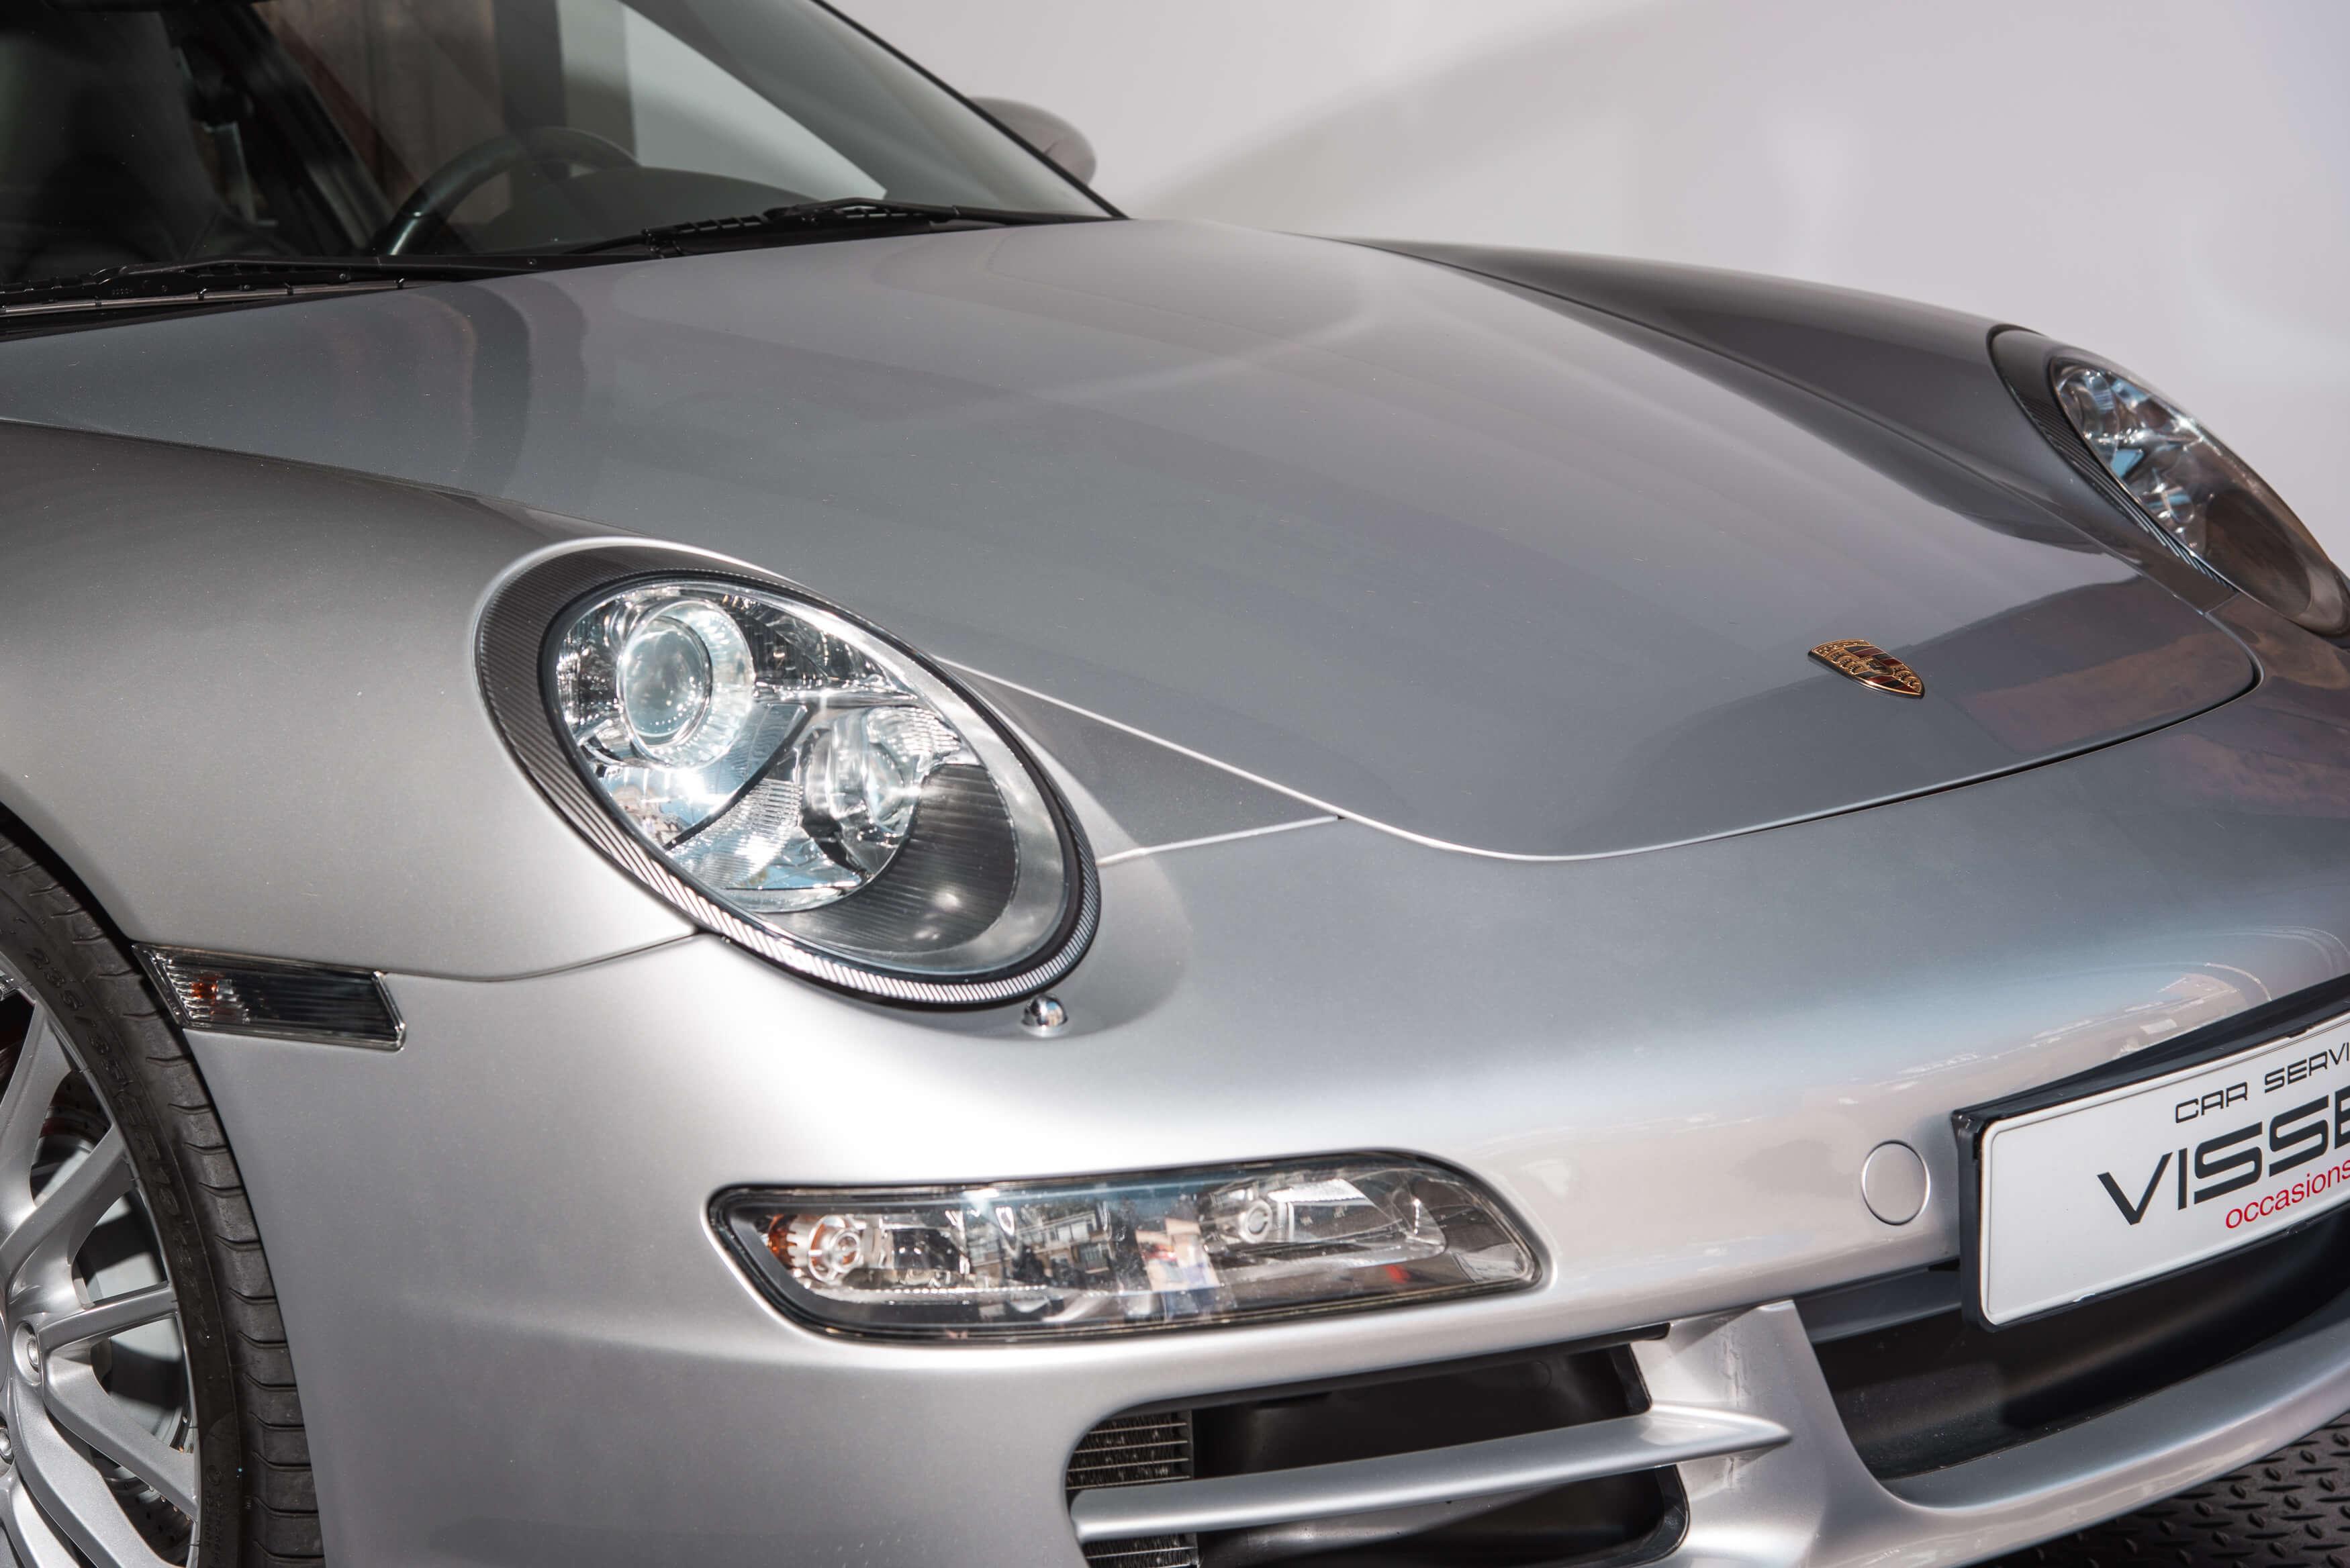 Porsche 997 Carrera S handgeschakeld Car Service Visser gespecialiseerd in Porsche - 9